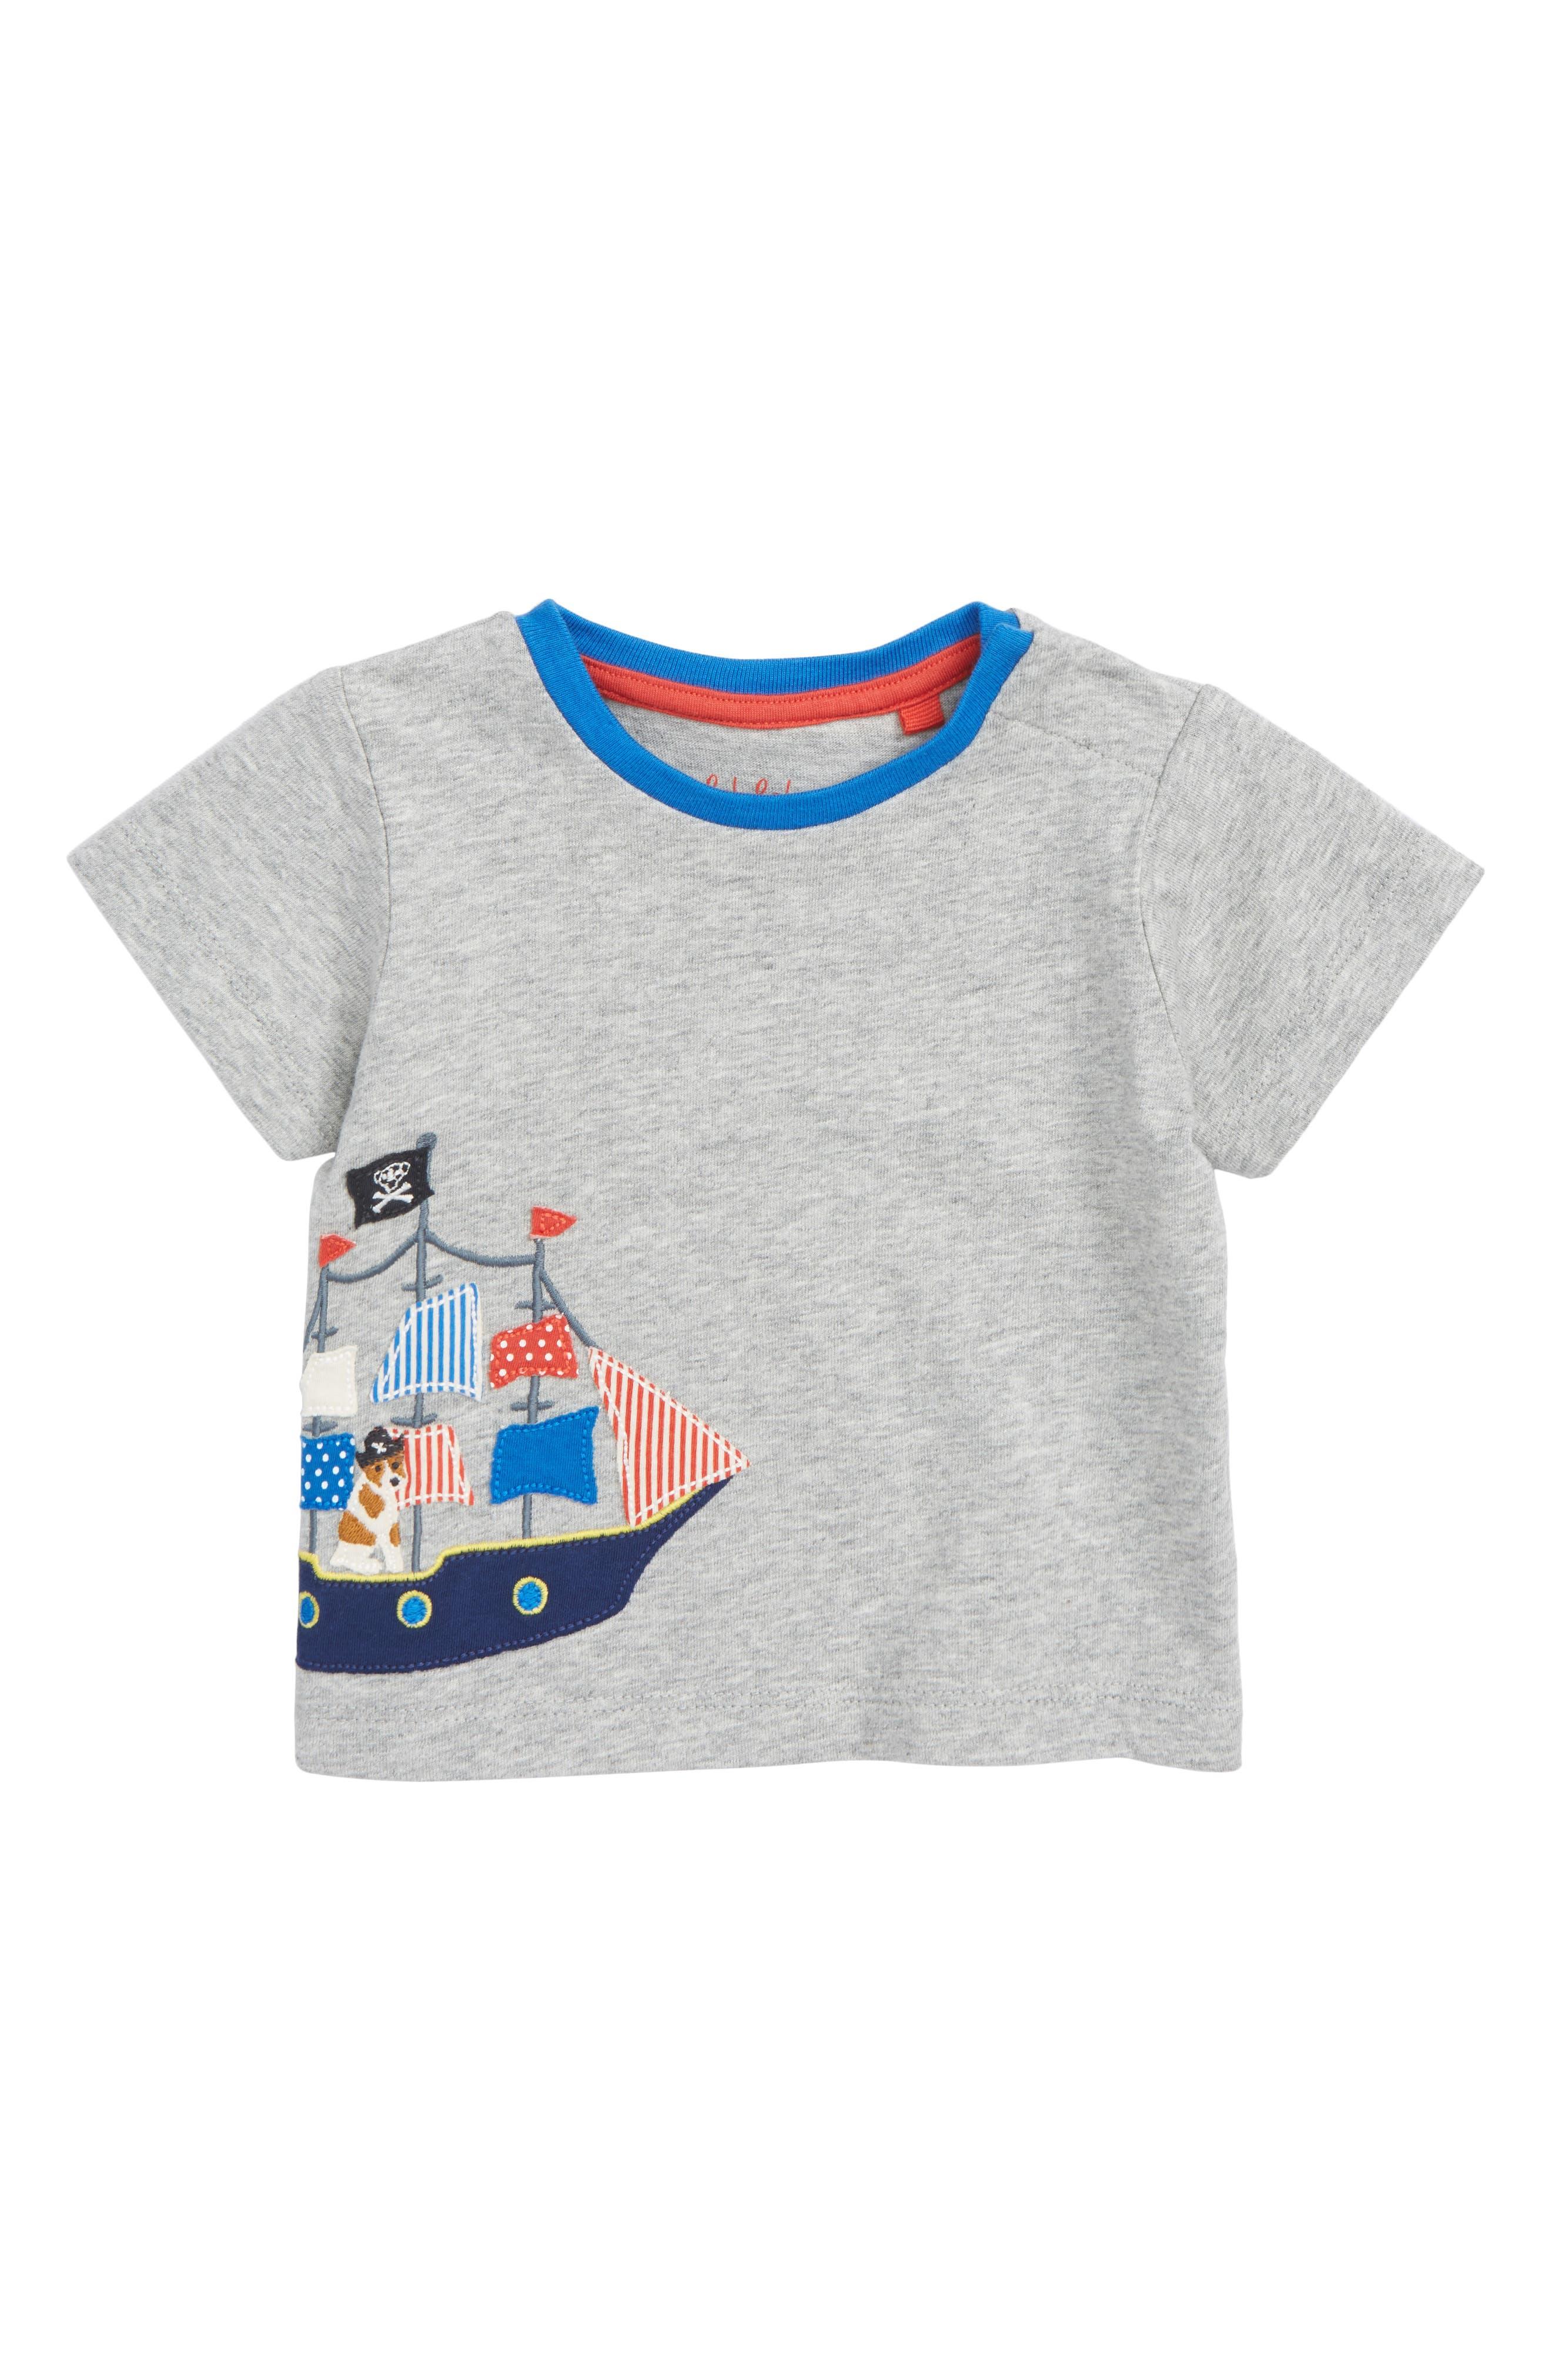 Sea Adventure Appliqué T-Shirt,                             Main thumbnail 1, color,                             062